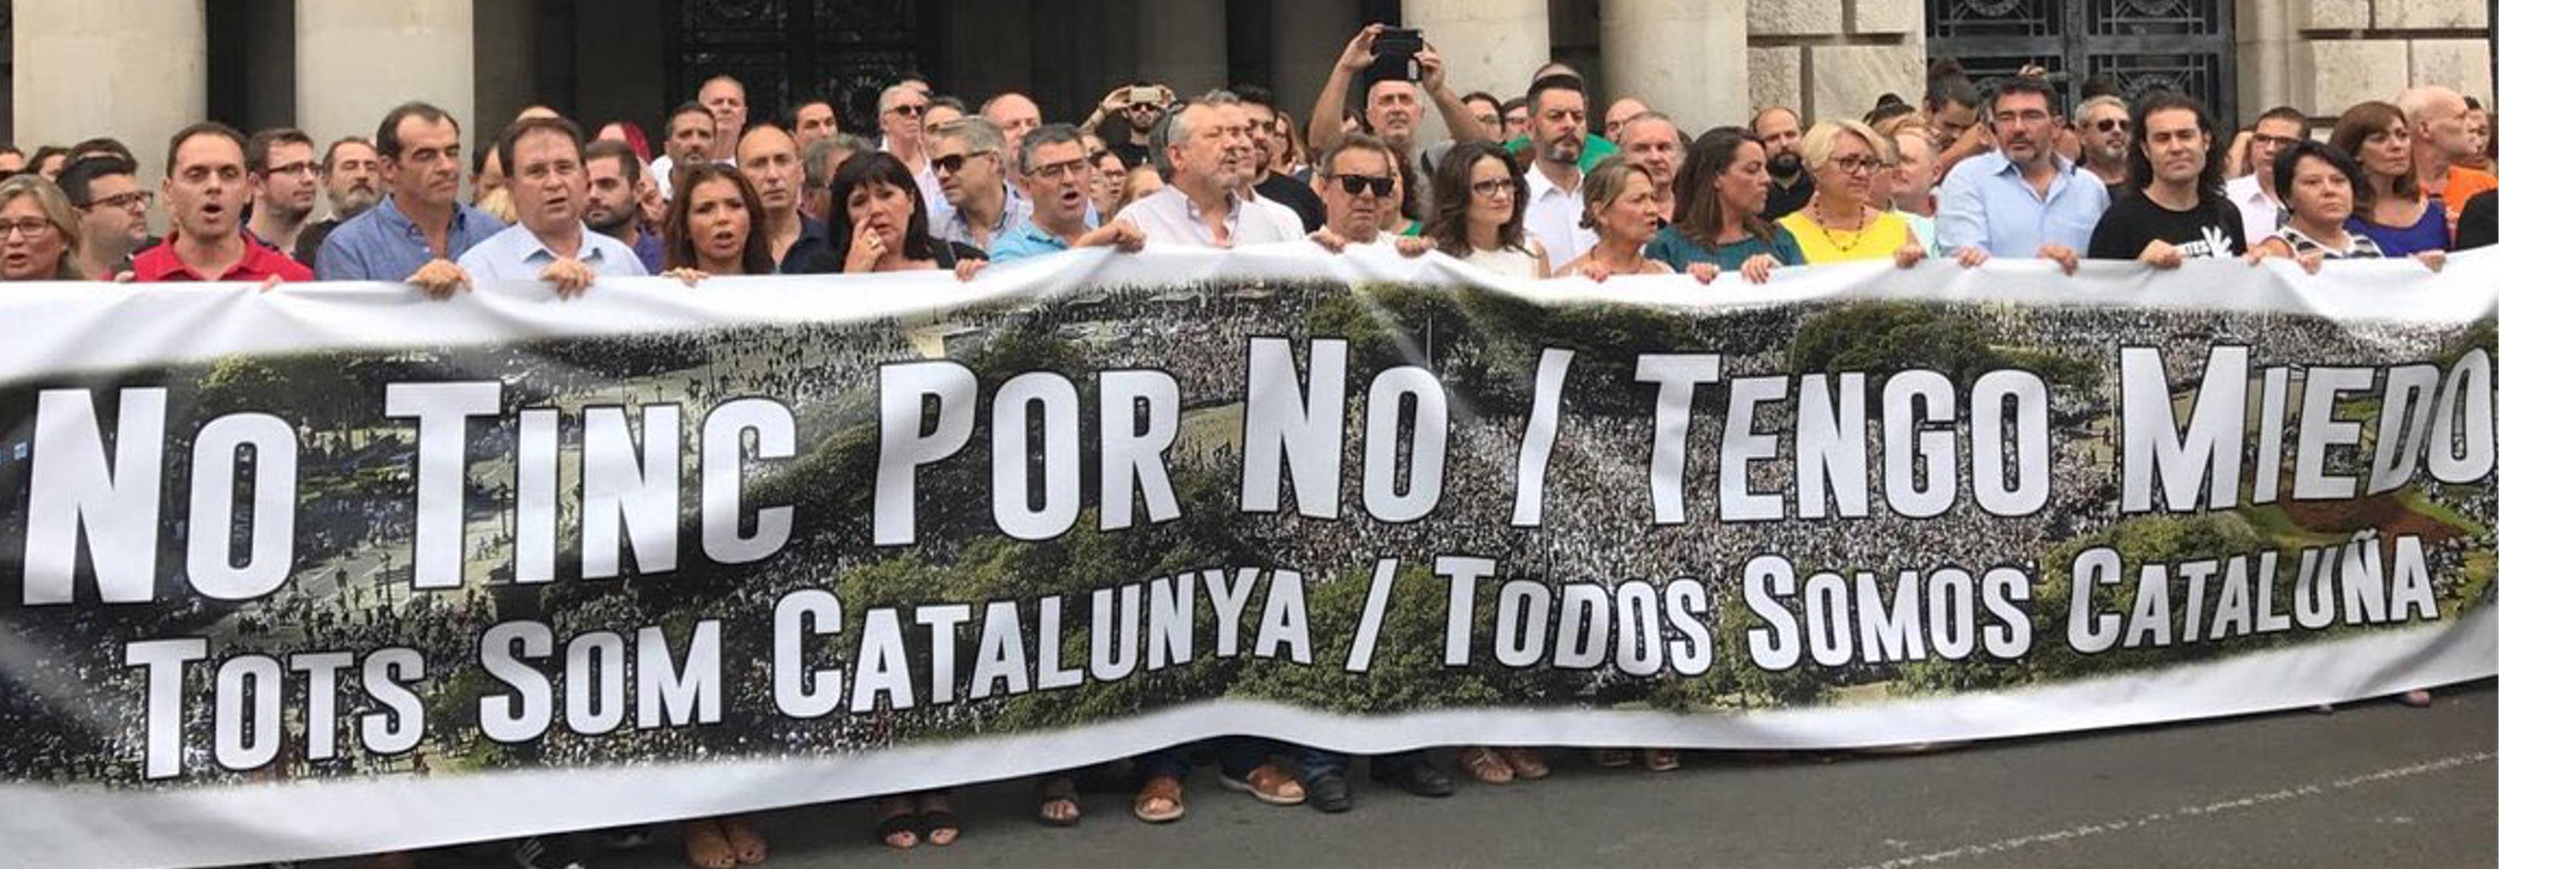 """""""No tengo porno, tengo miedo"""", la pancarta valenciana en contra de los atentados"""